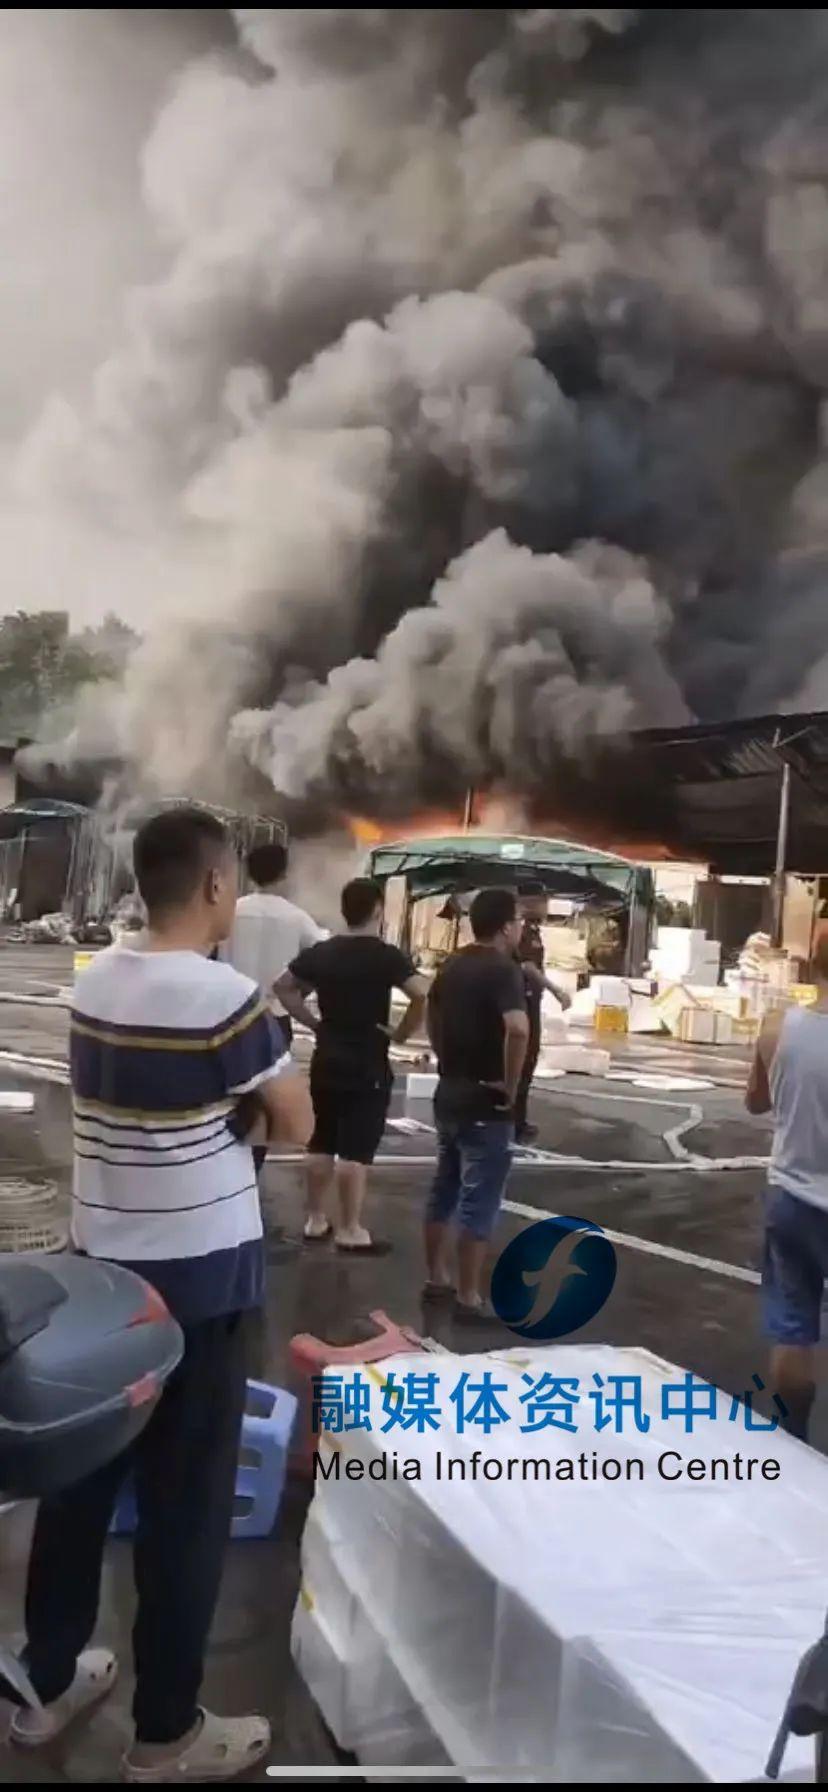 福州马尾海峡水产批发市场发生火灾